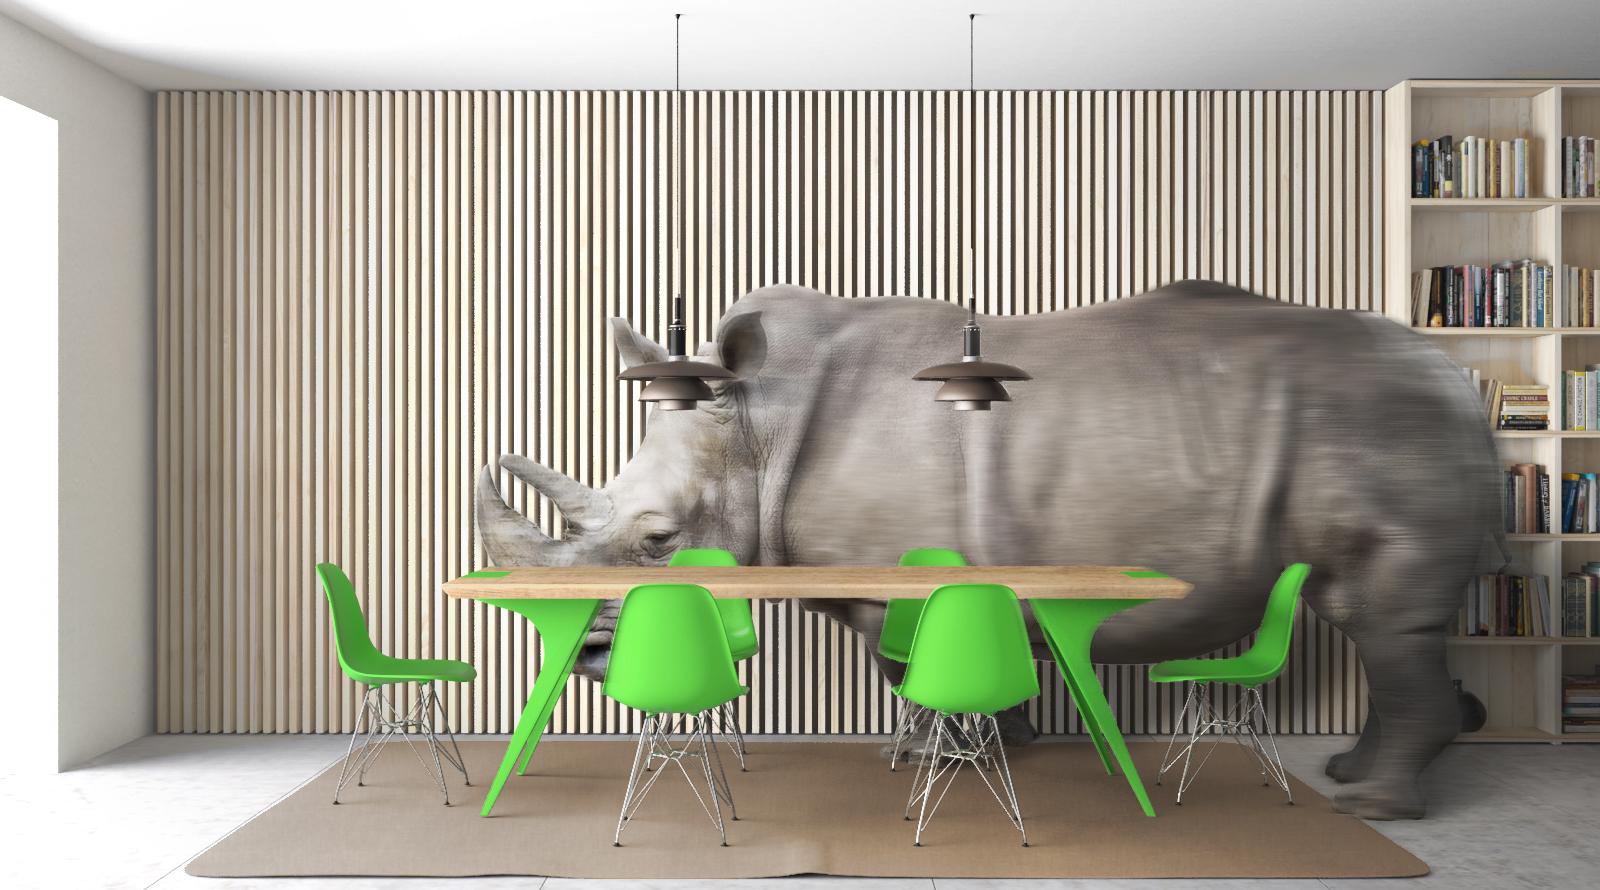 Ambientaz 1_DEF_1 Rhino